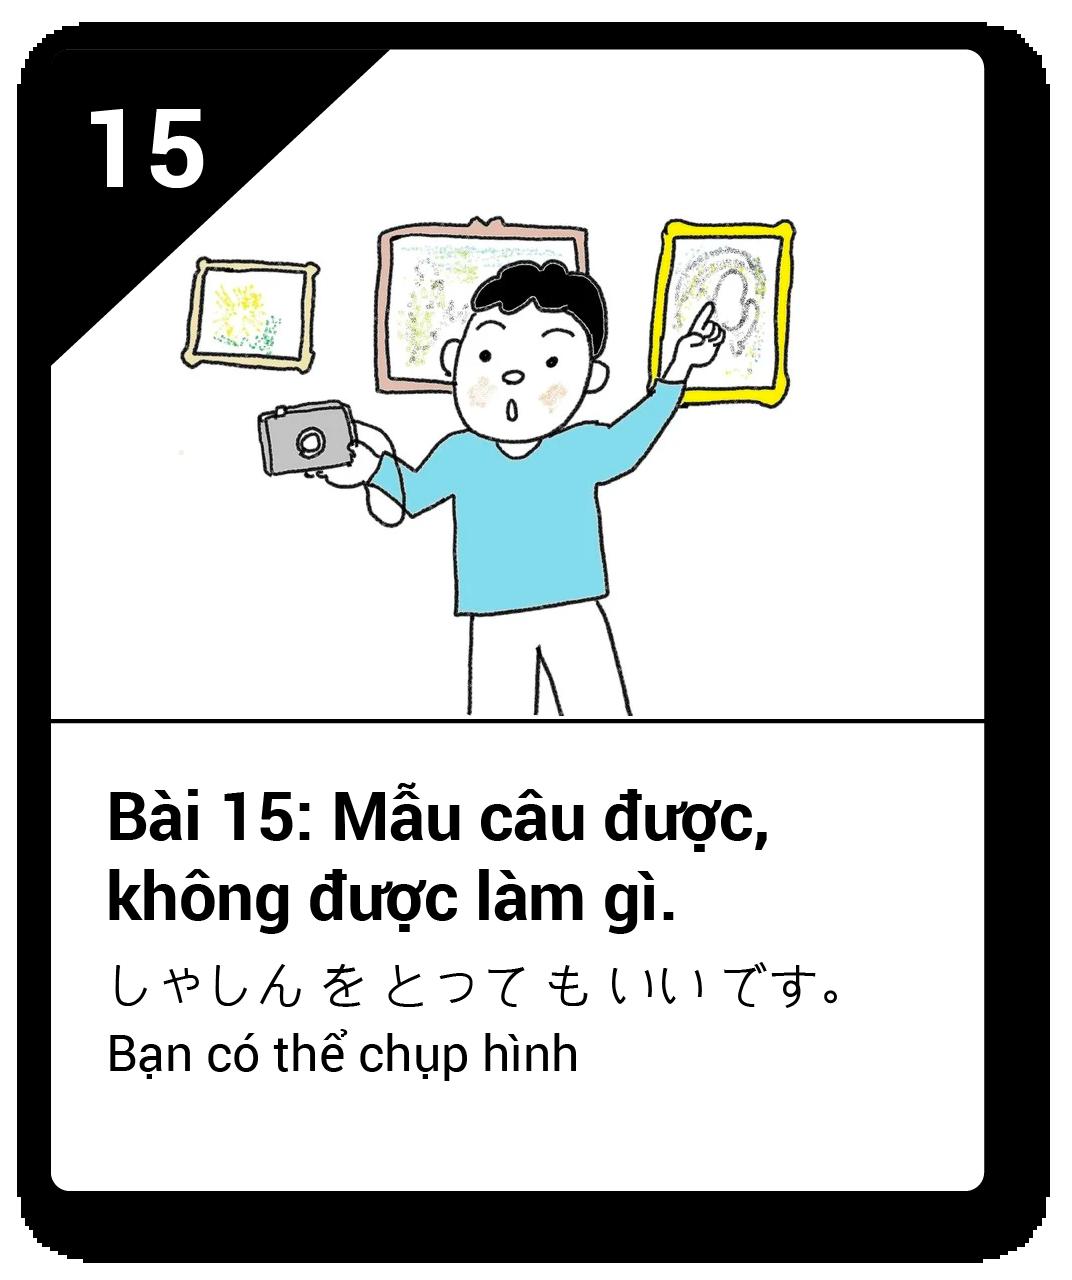 Từ vựng ngữ pháp Minna bài 15